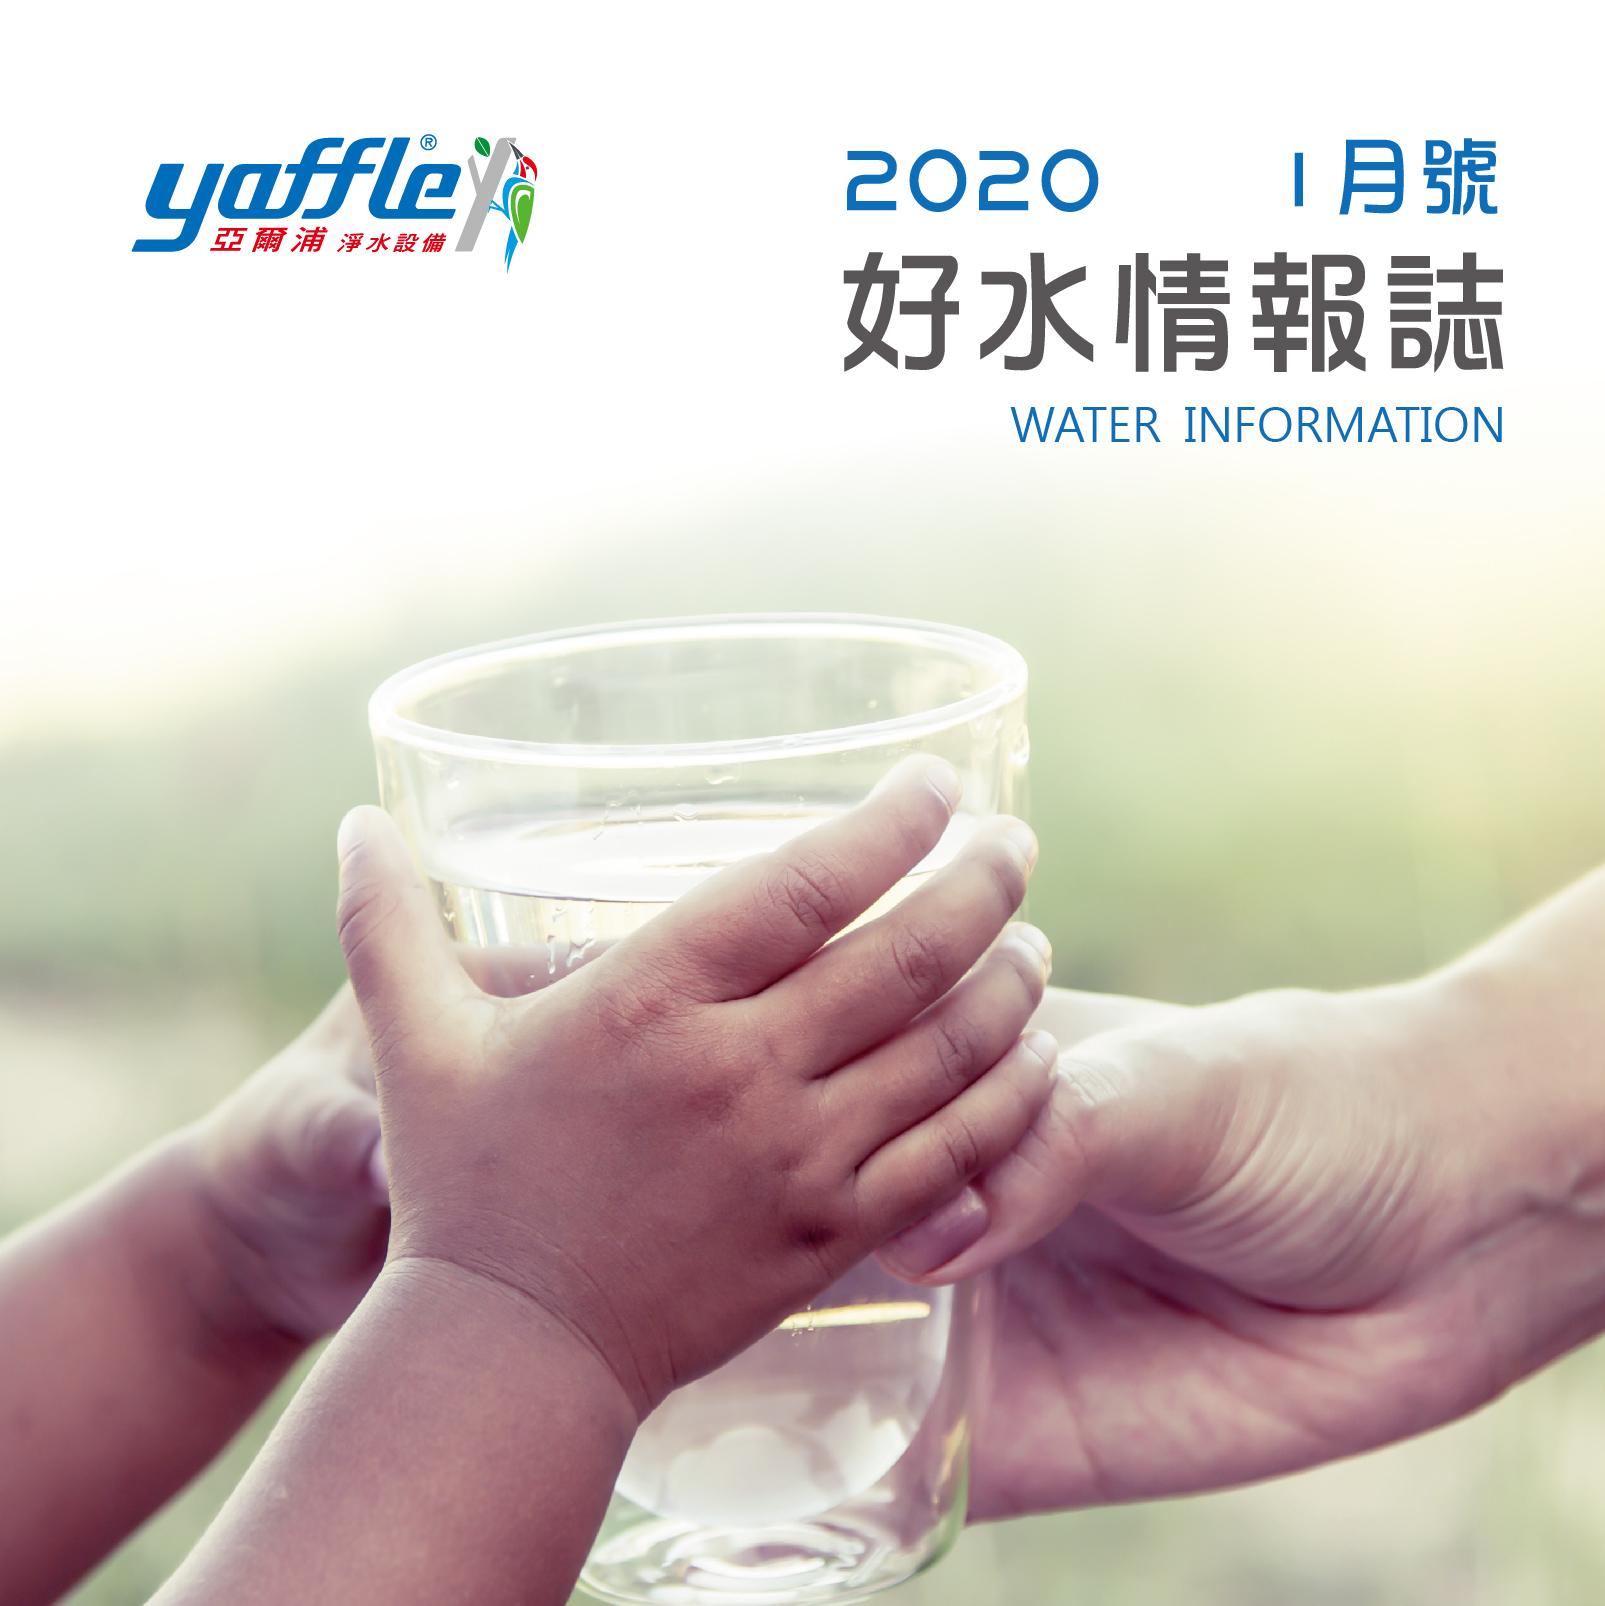 【好水情報誌】2020年1月號